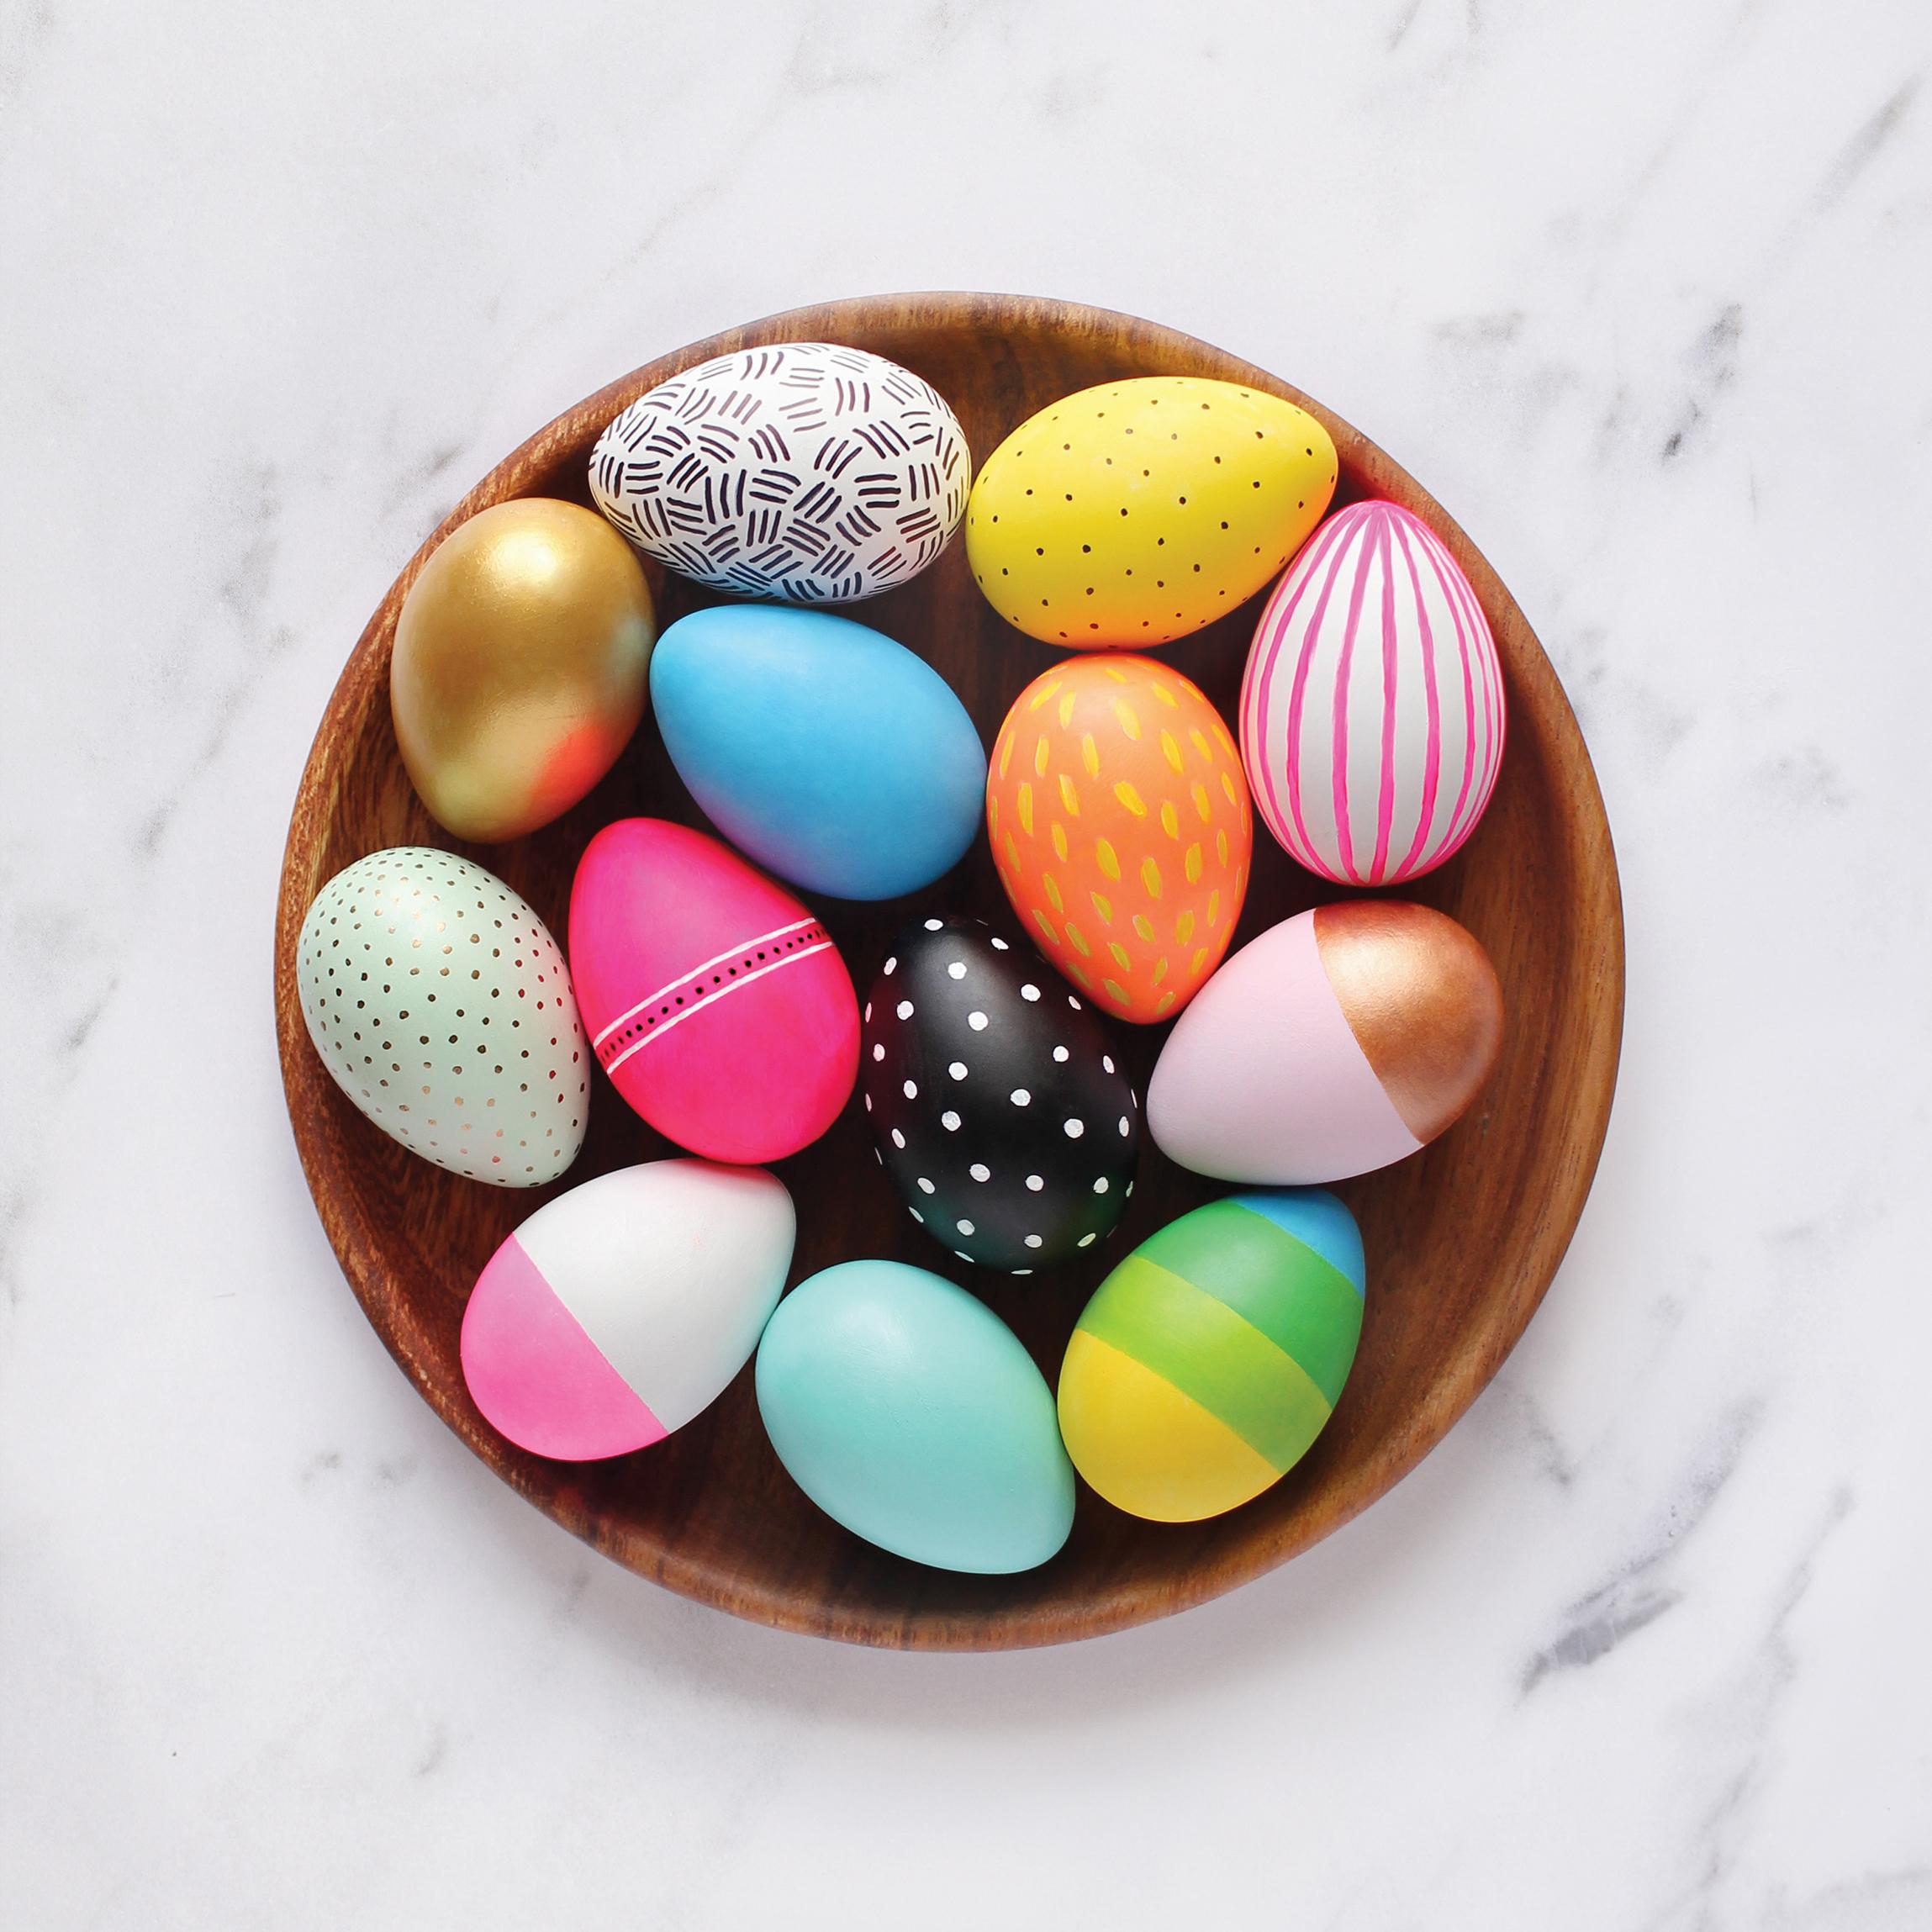 egg plate marble brighter.jpg